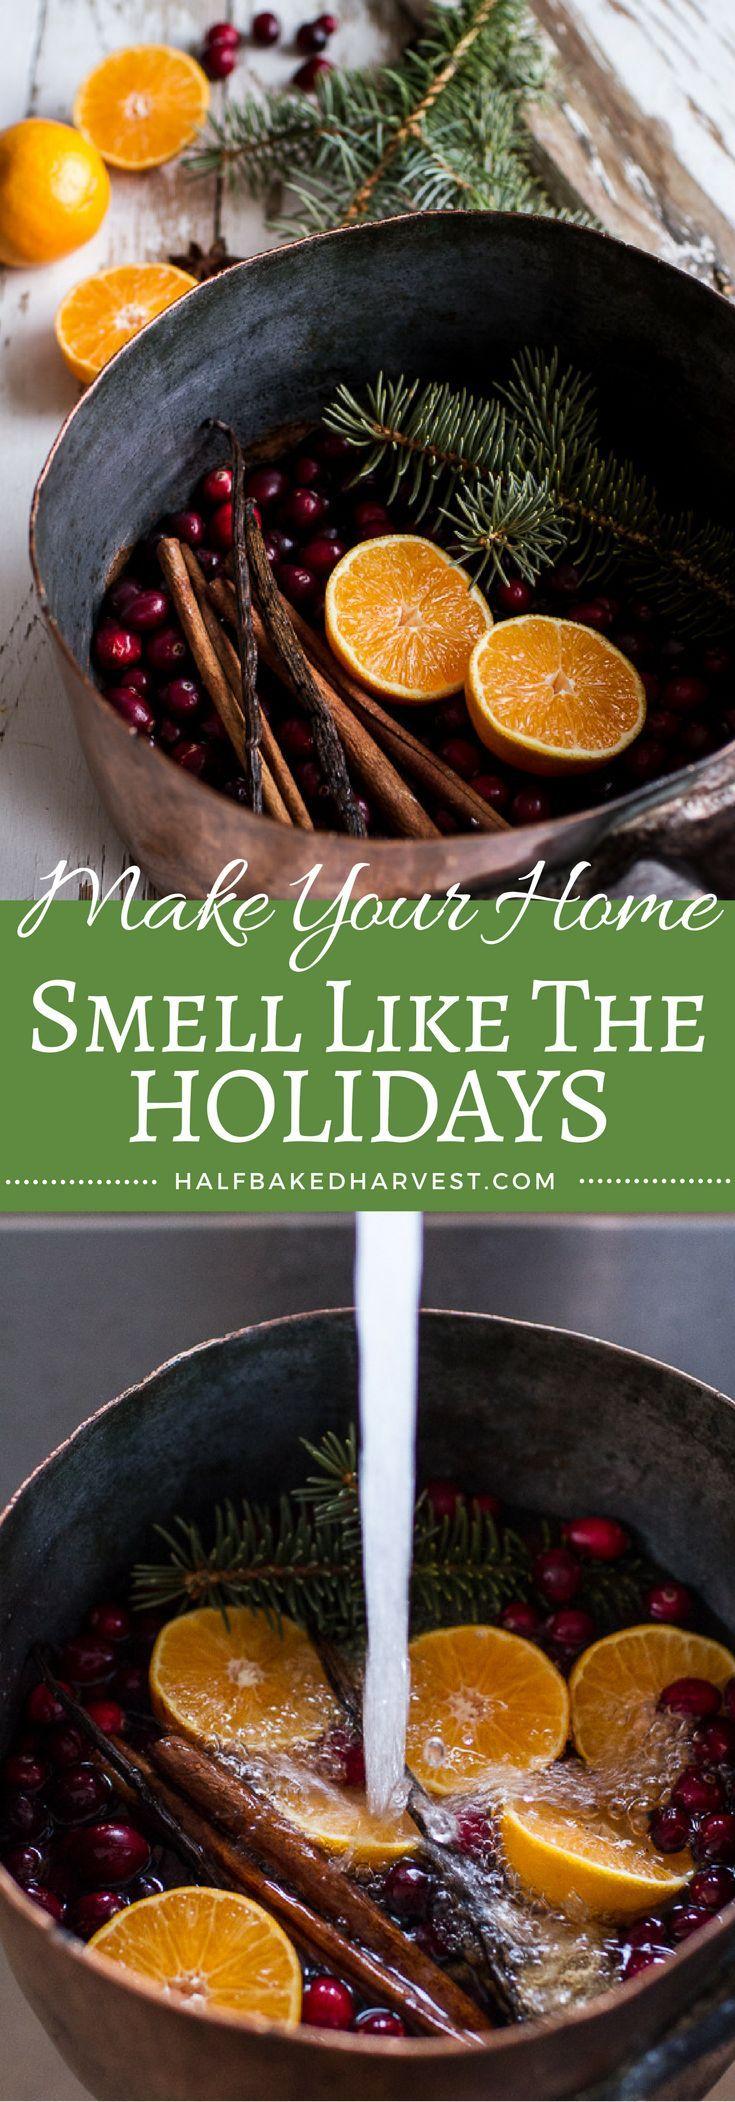 Homemade Holidays- Let's Make the House Smell Like Christmas   http://halfbakedharvest.com /hbharvest/